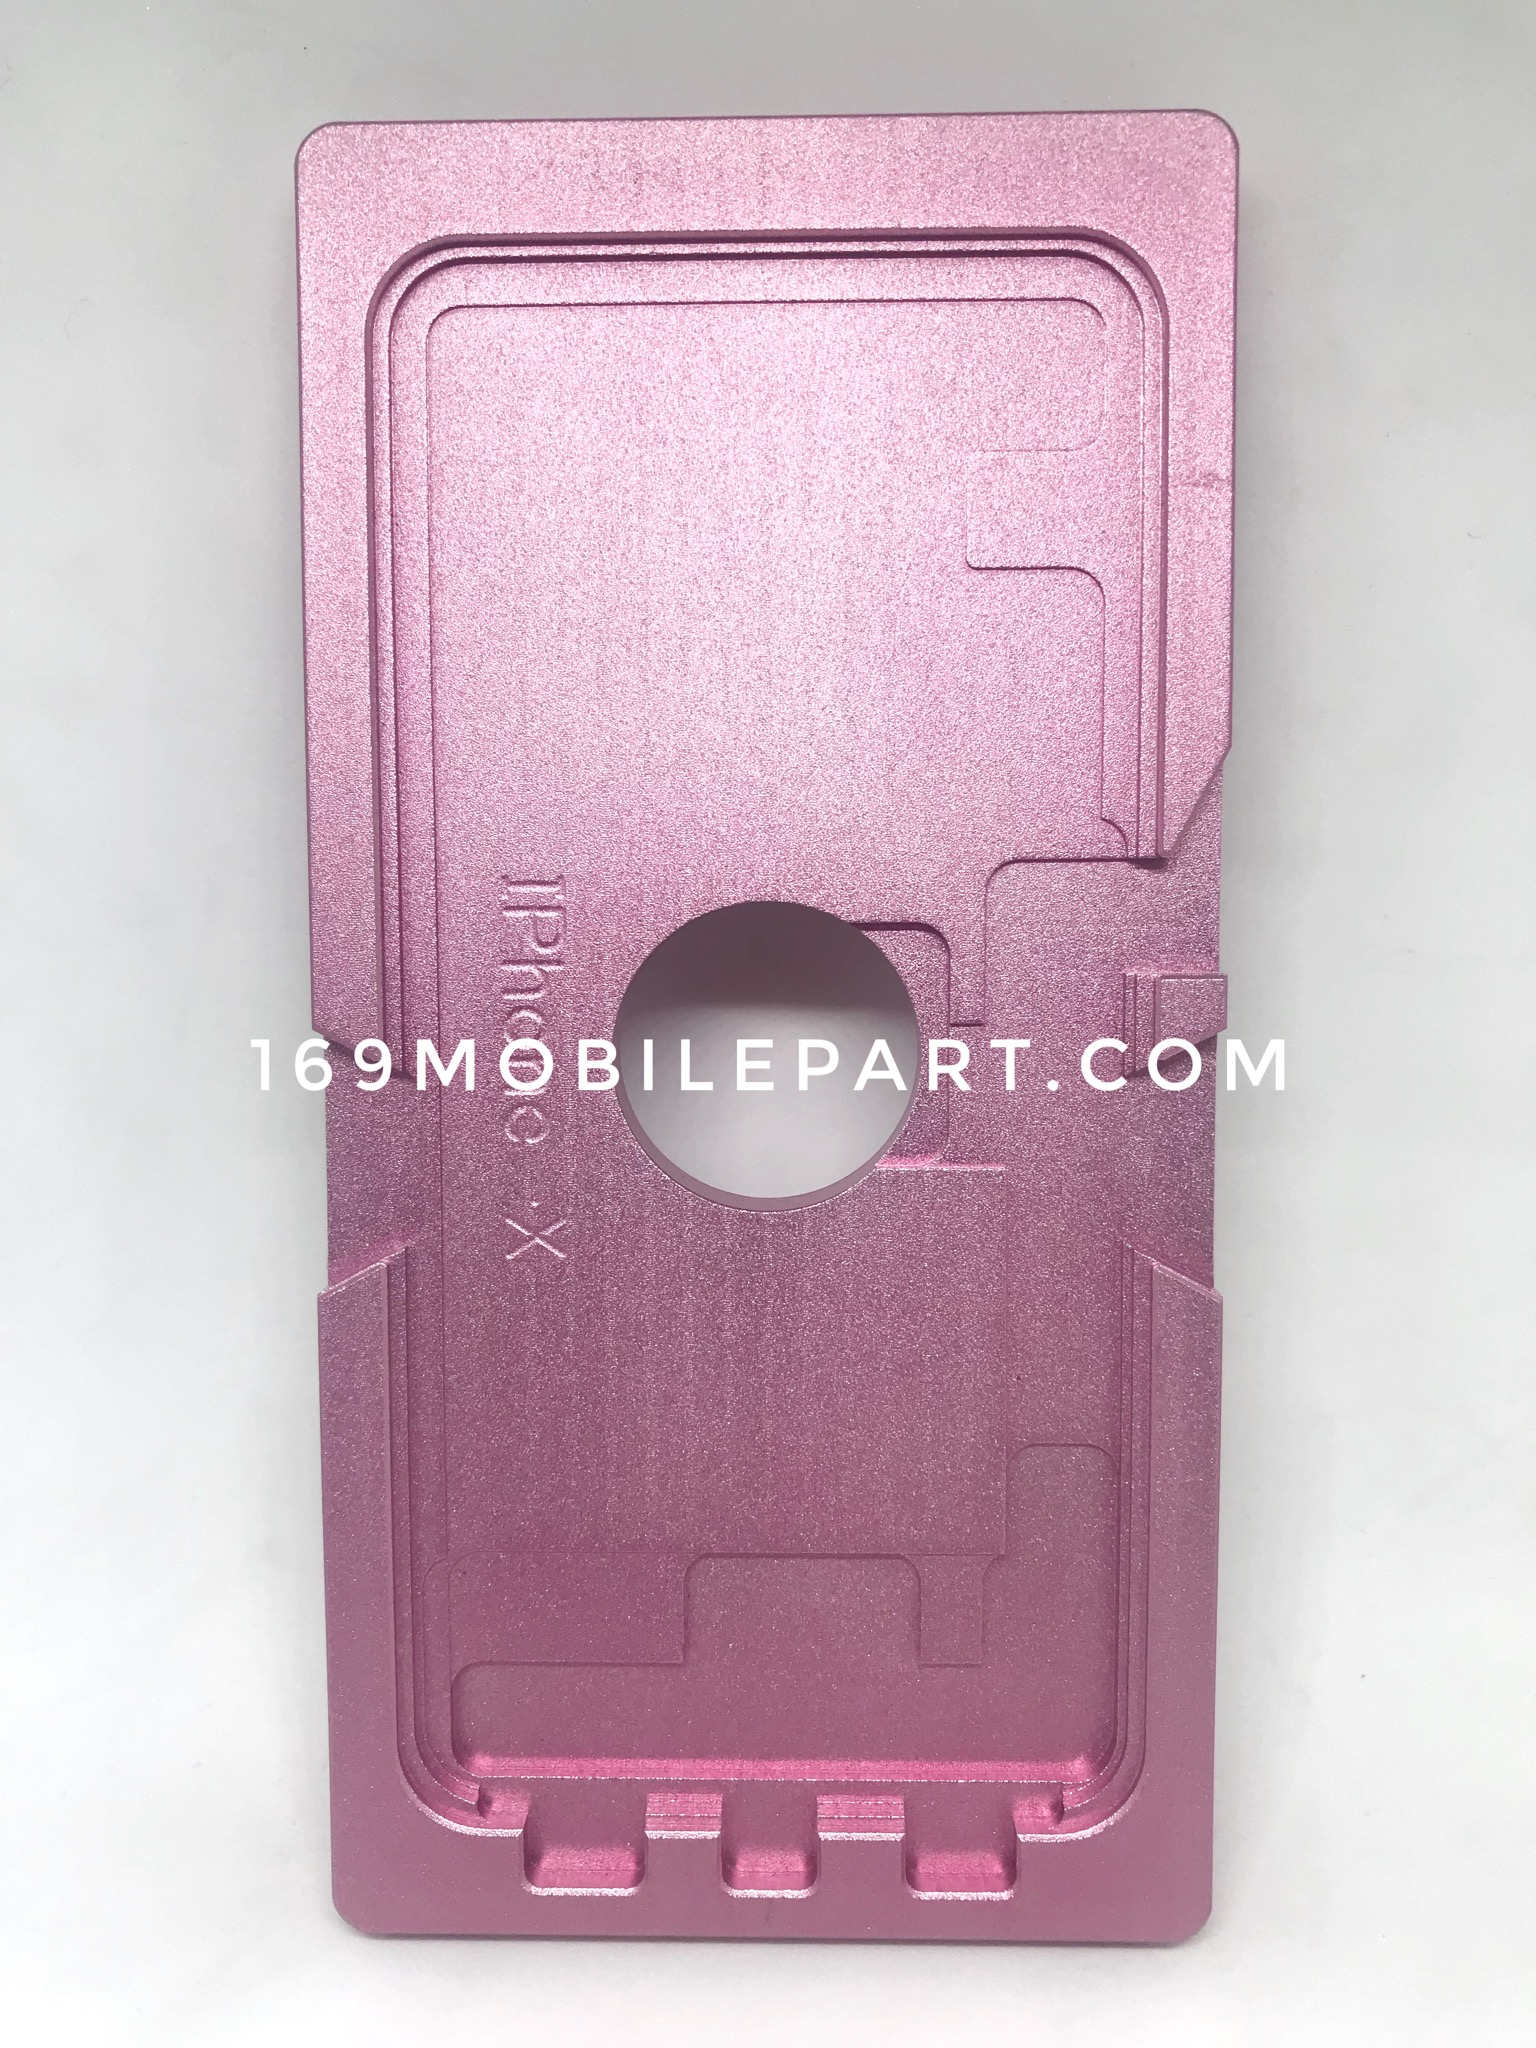 บล็อกวางจอไอโฟน iPhone X (งานลอกกระจก)